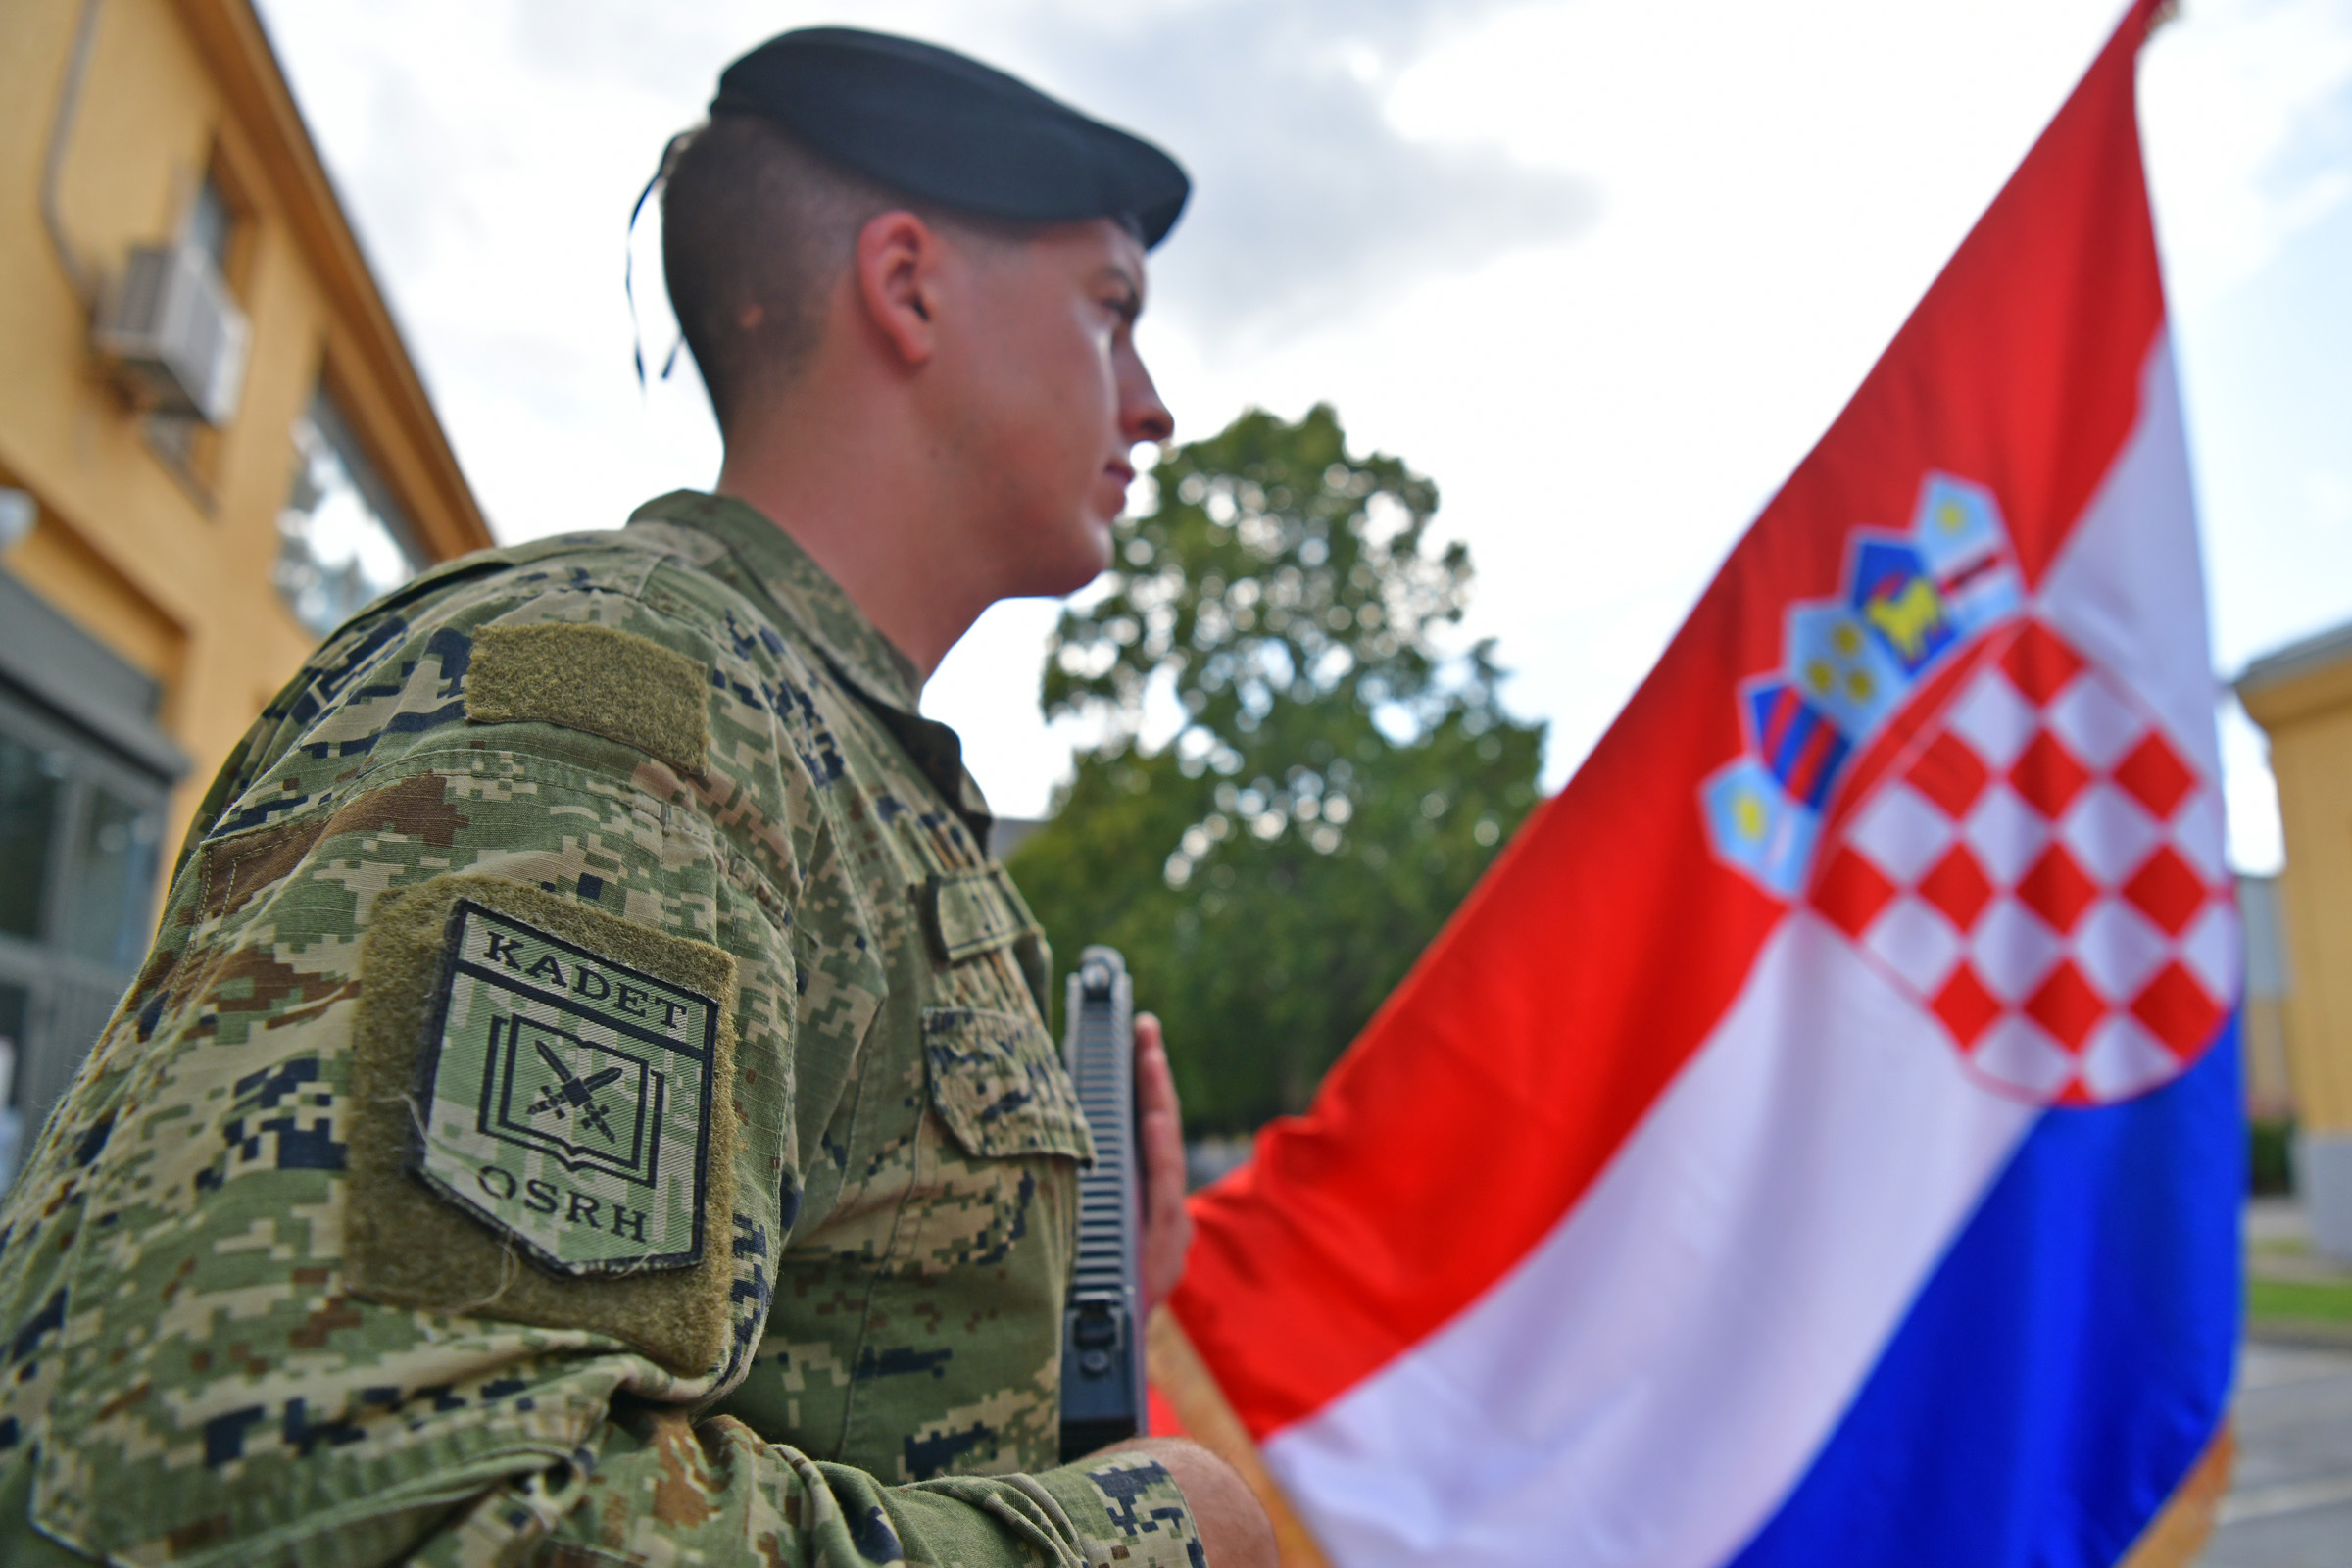 Croatian Army